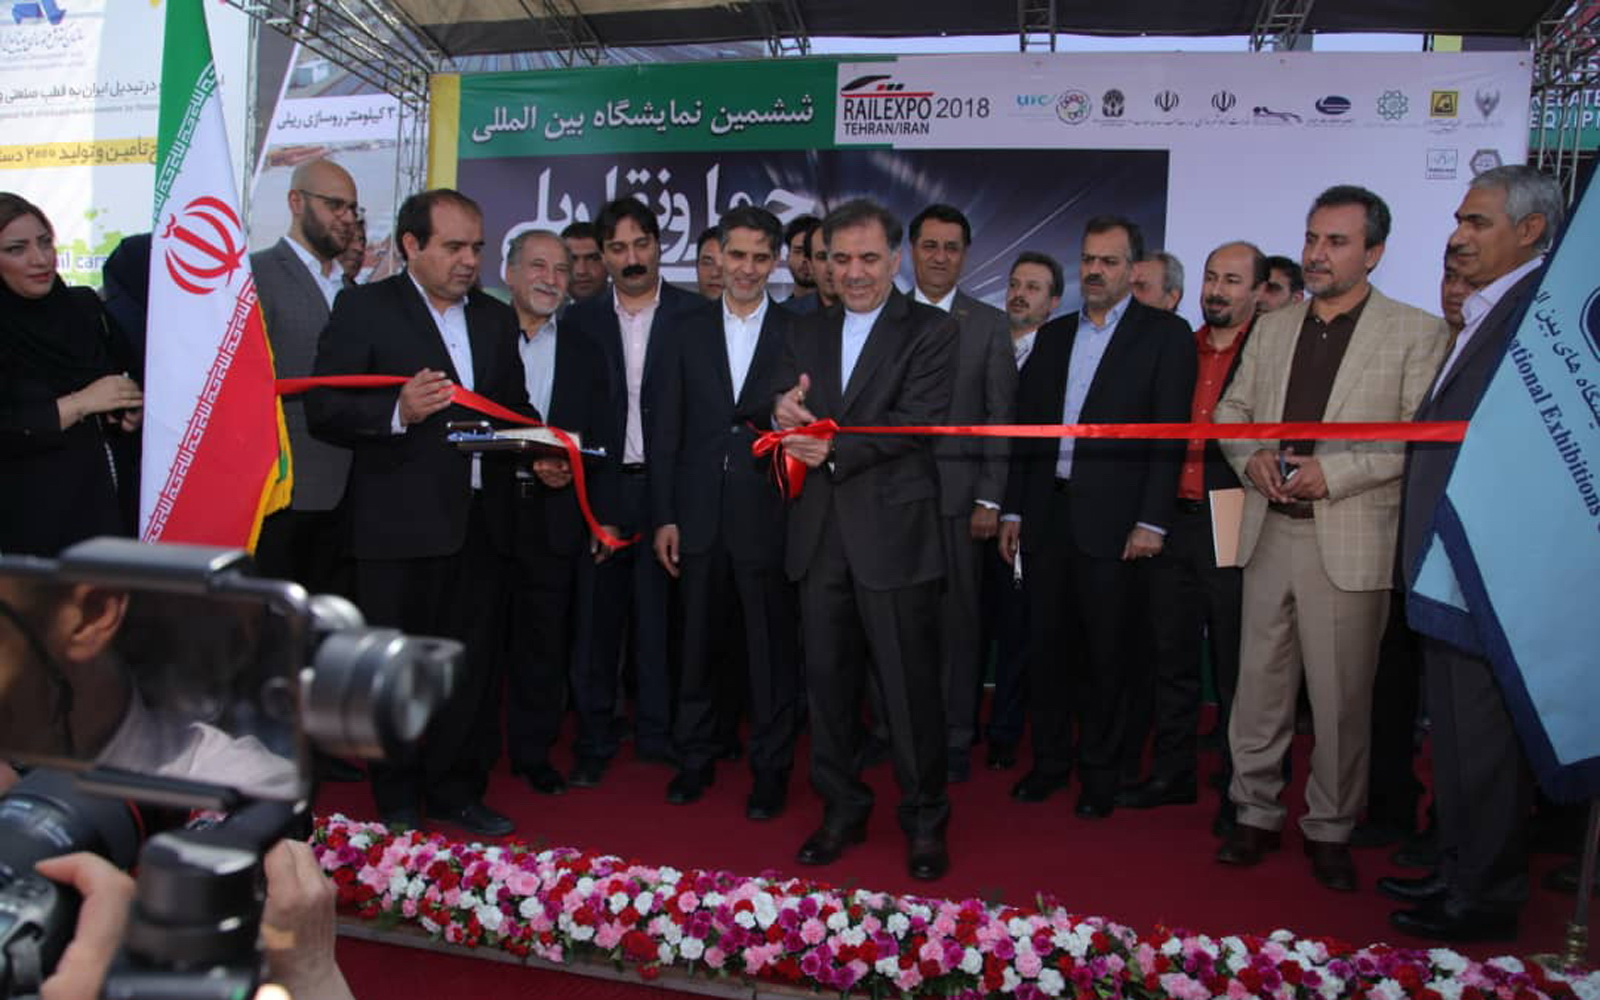 ذوب آهن اصفهان با ریل ملی در نمایشگاه بین المللی حمل و نقل ریلی